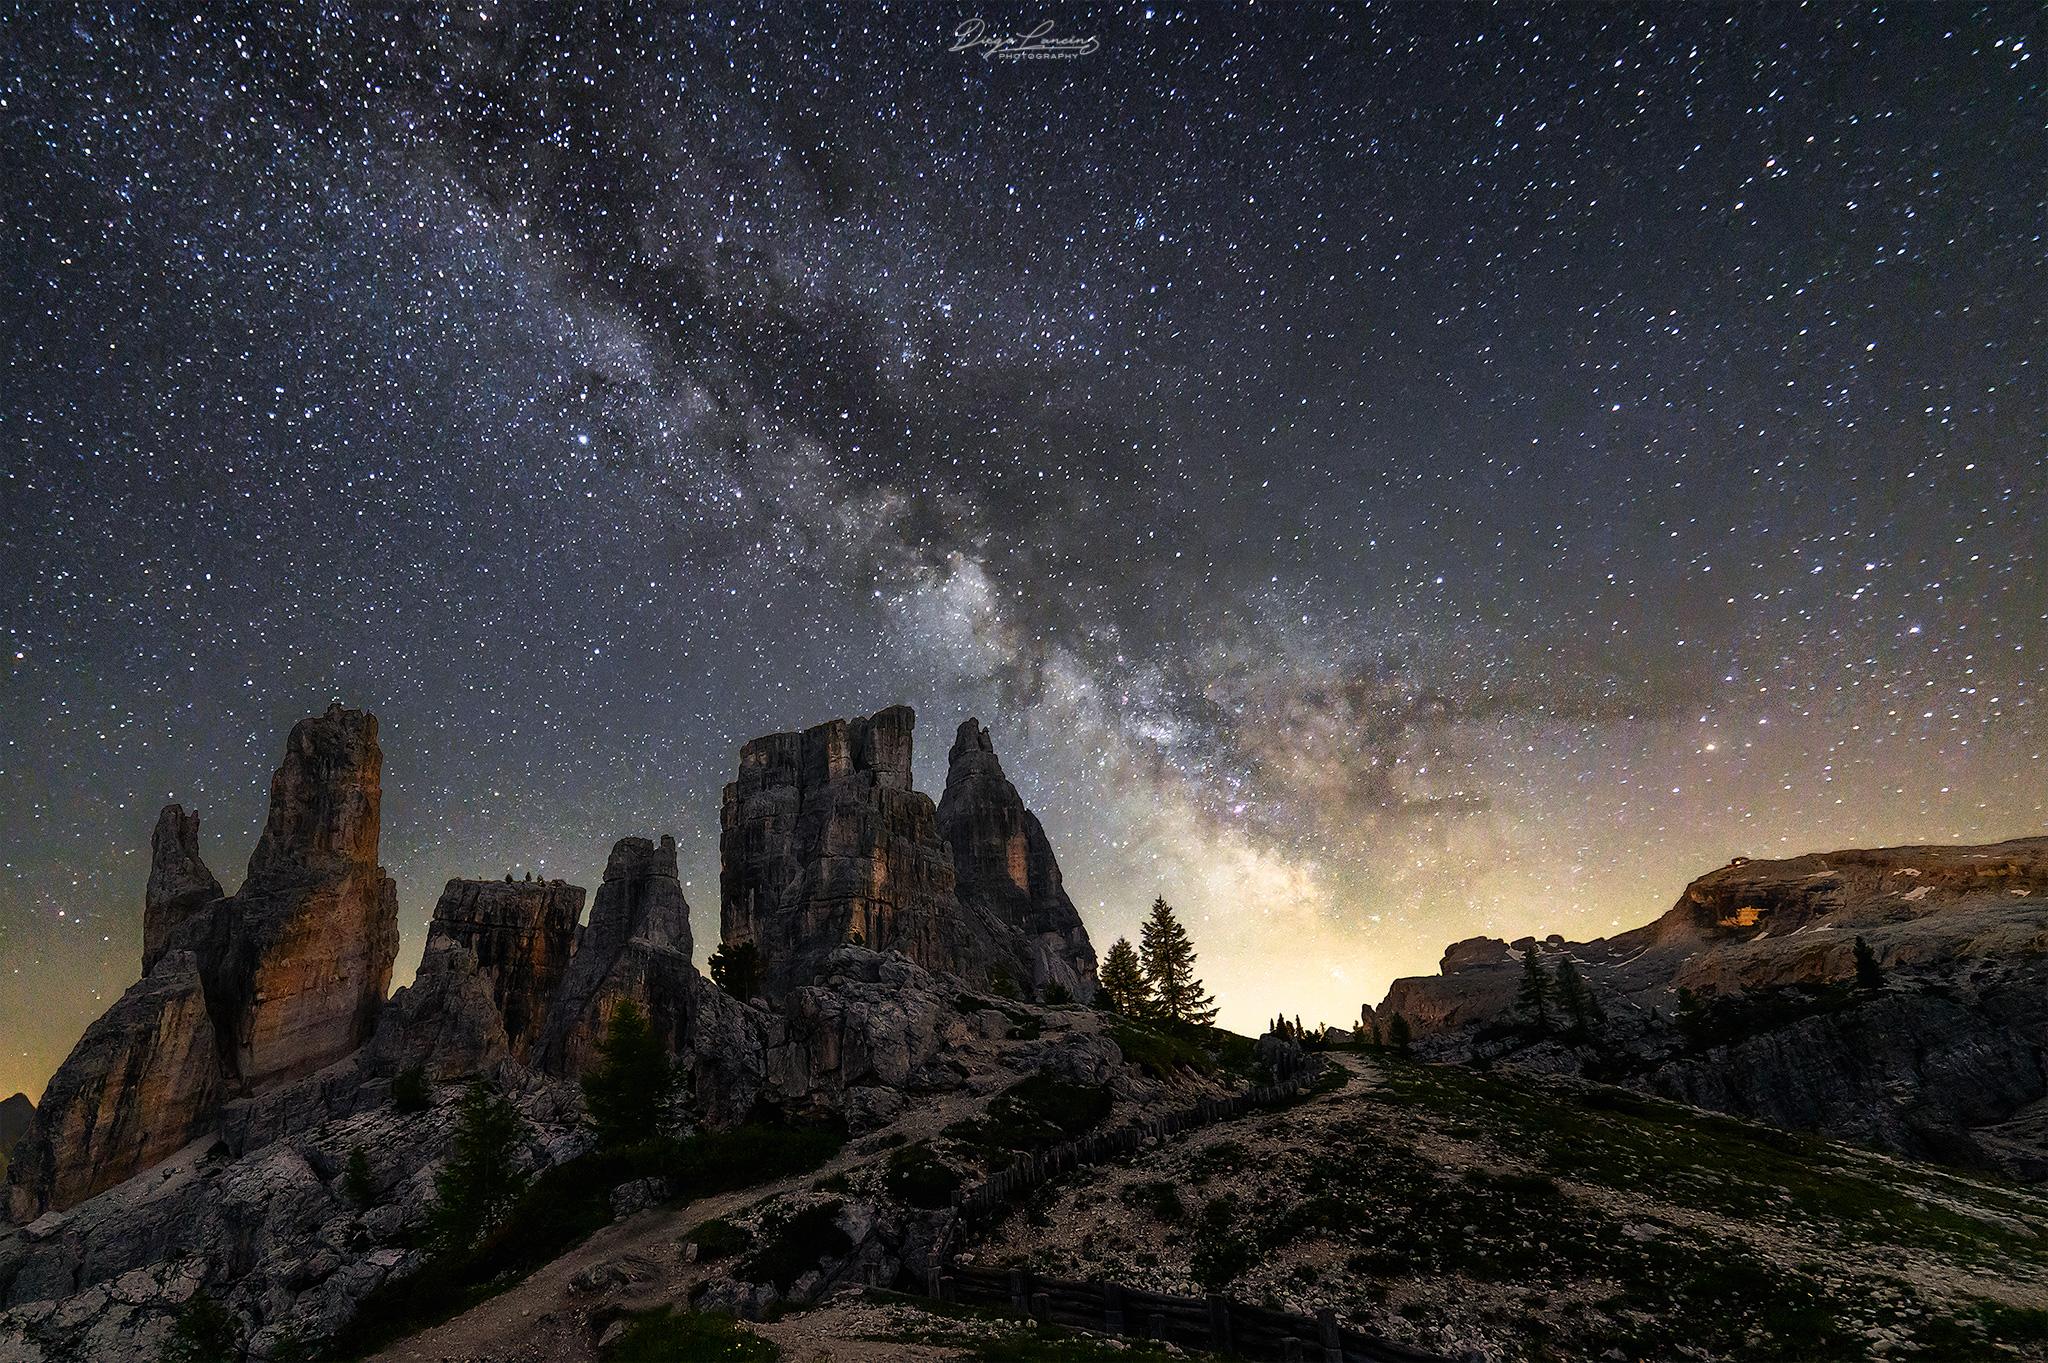 Milky Way over the Cinque Torri, Italy